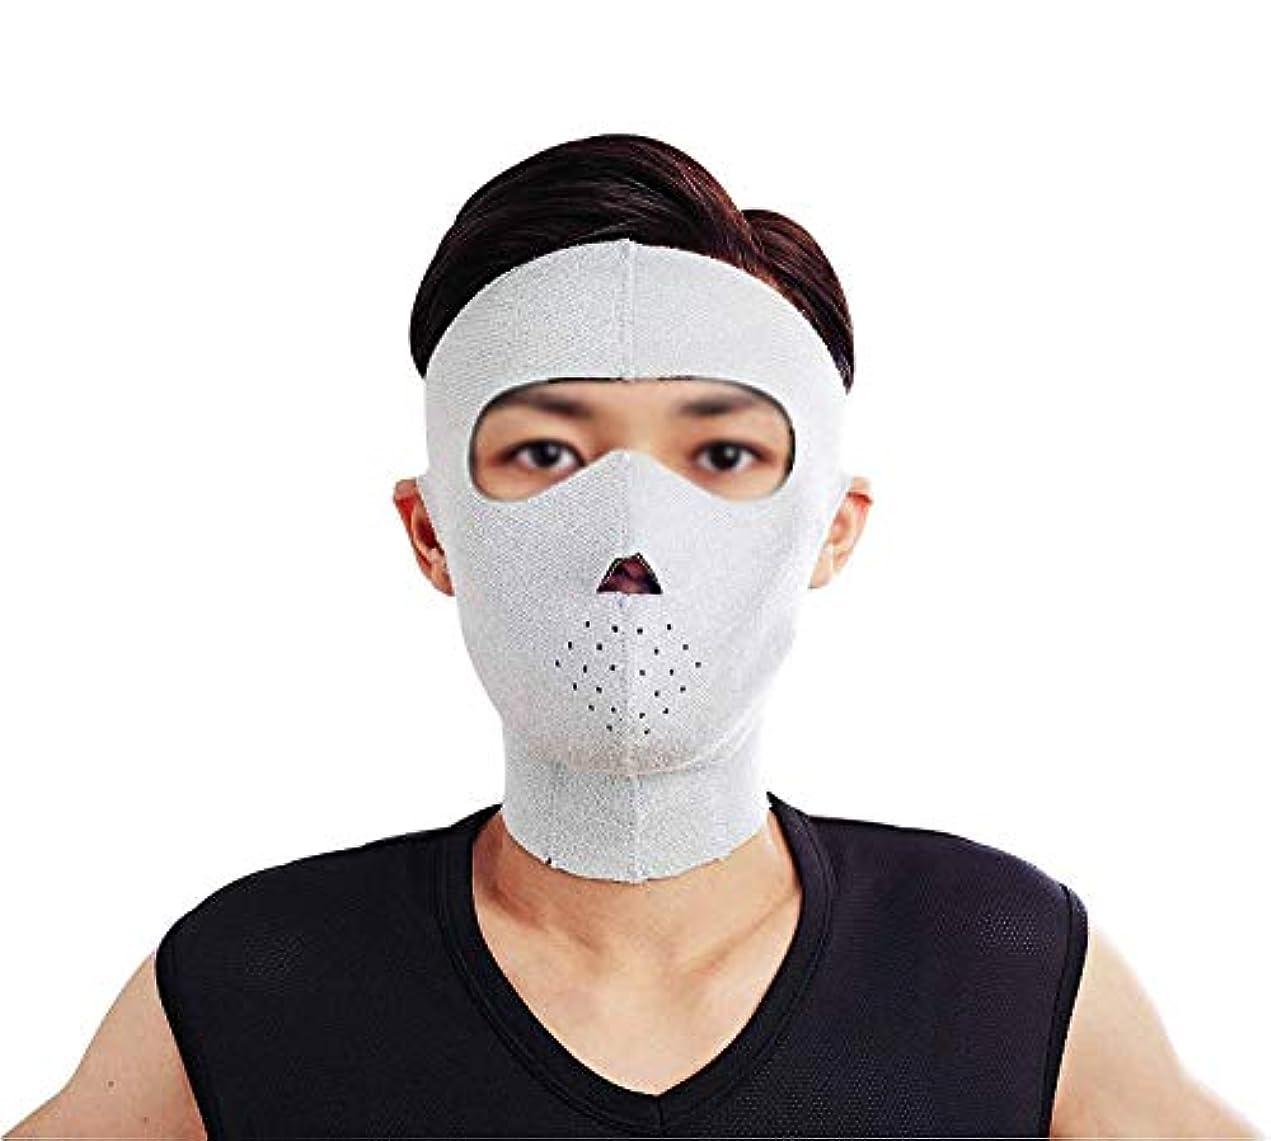 実行サバントプレートフェイスリフトマスク、フェイシャルマスクプラス薄いフェイスマスクタイトなたるみの薄いフェイスマスクフェイシャル薄いフェイスマスクアーティファクトビューティー男性ネックストラップ付き